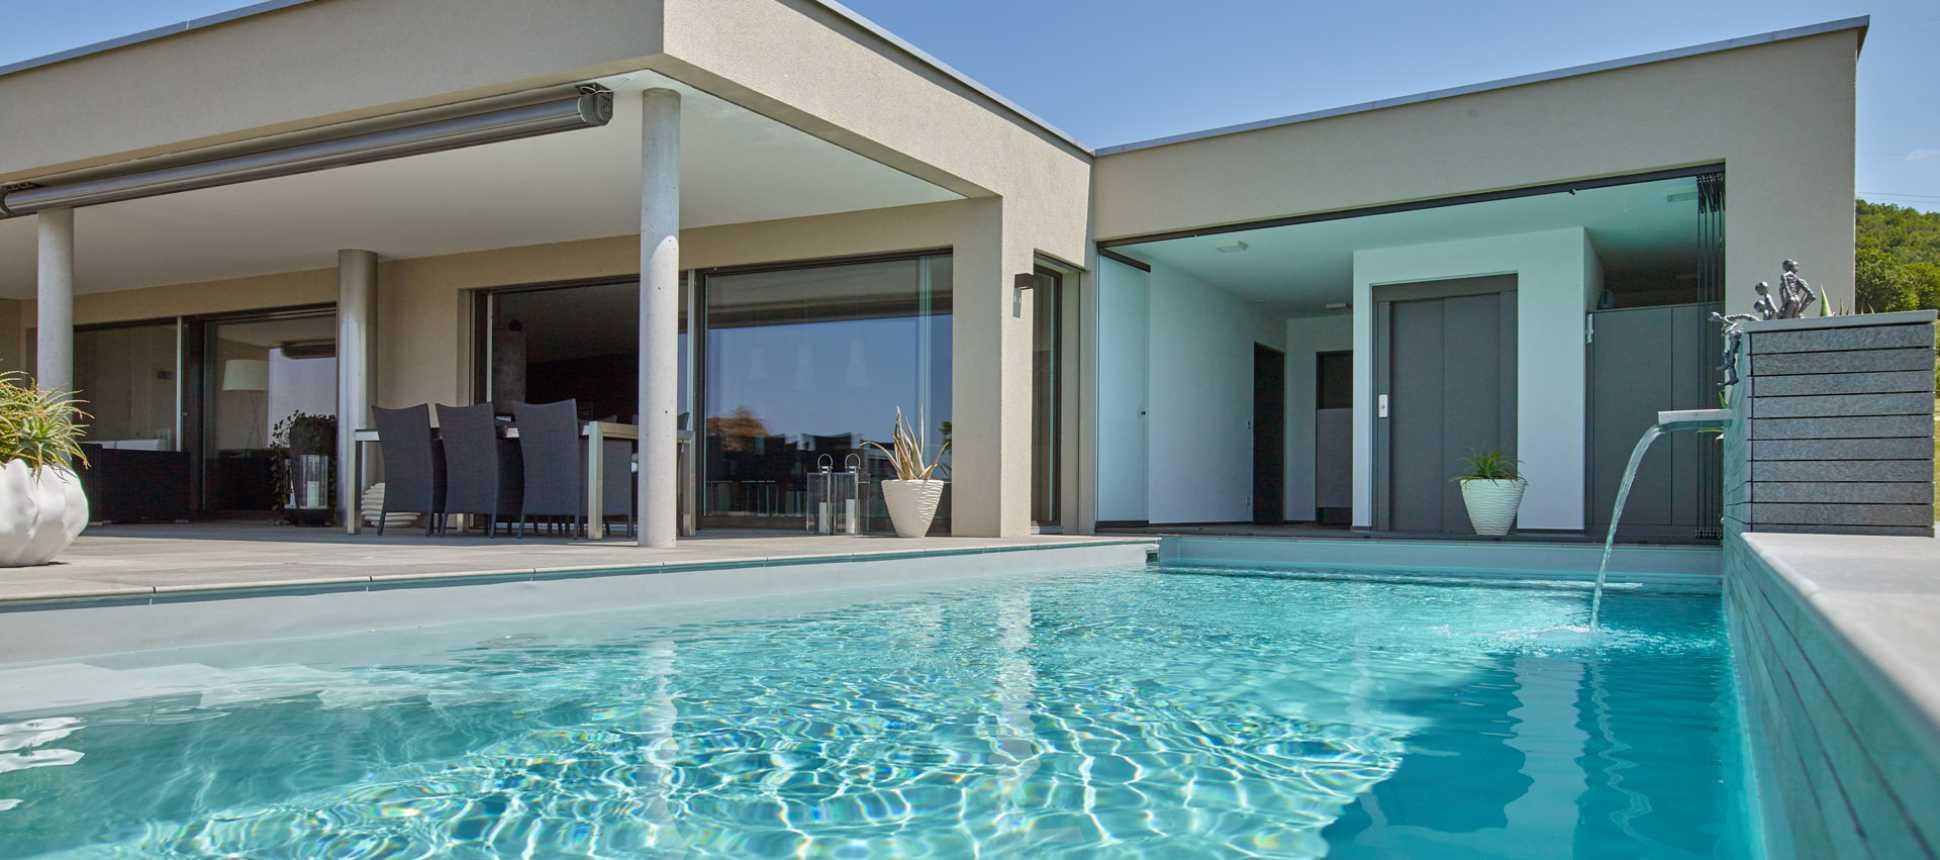 Swimmingpools Attika Schwimmbad